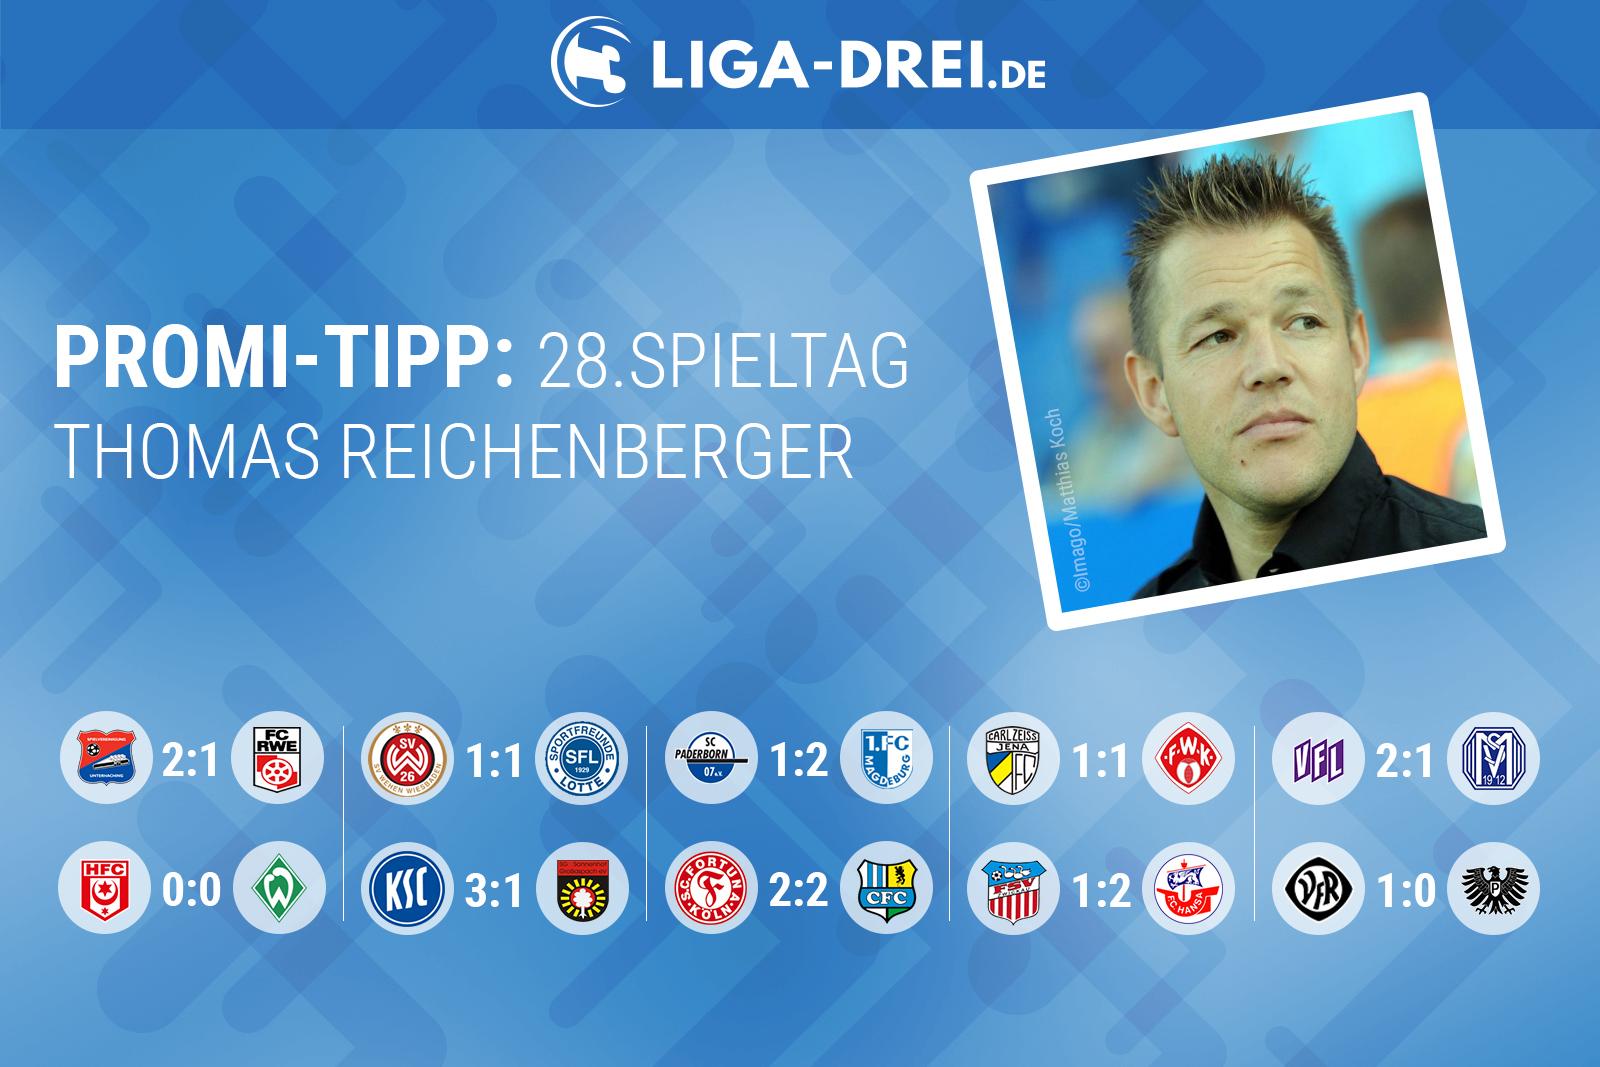 Thomas Reichenberger tippt den 28. Spieltag